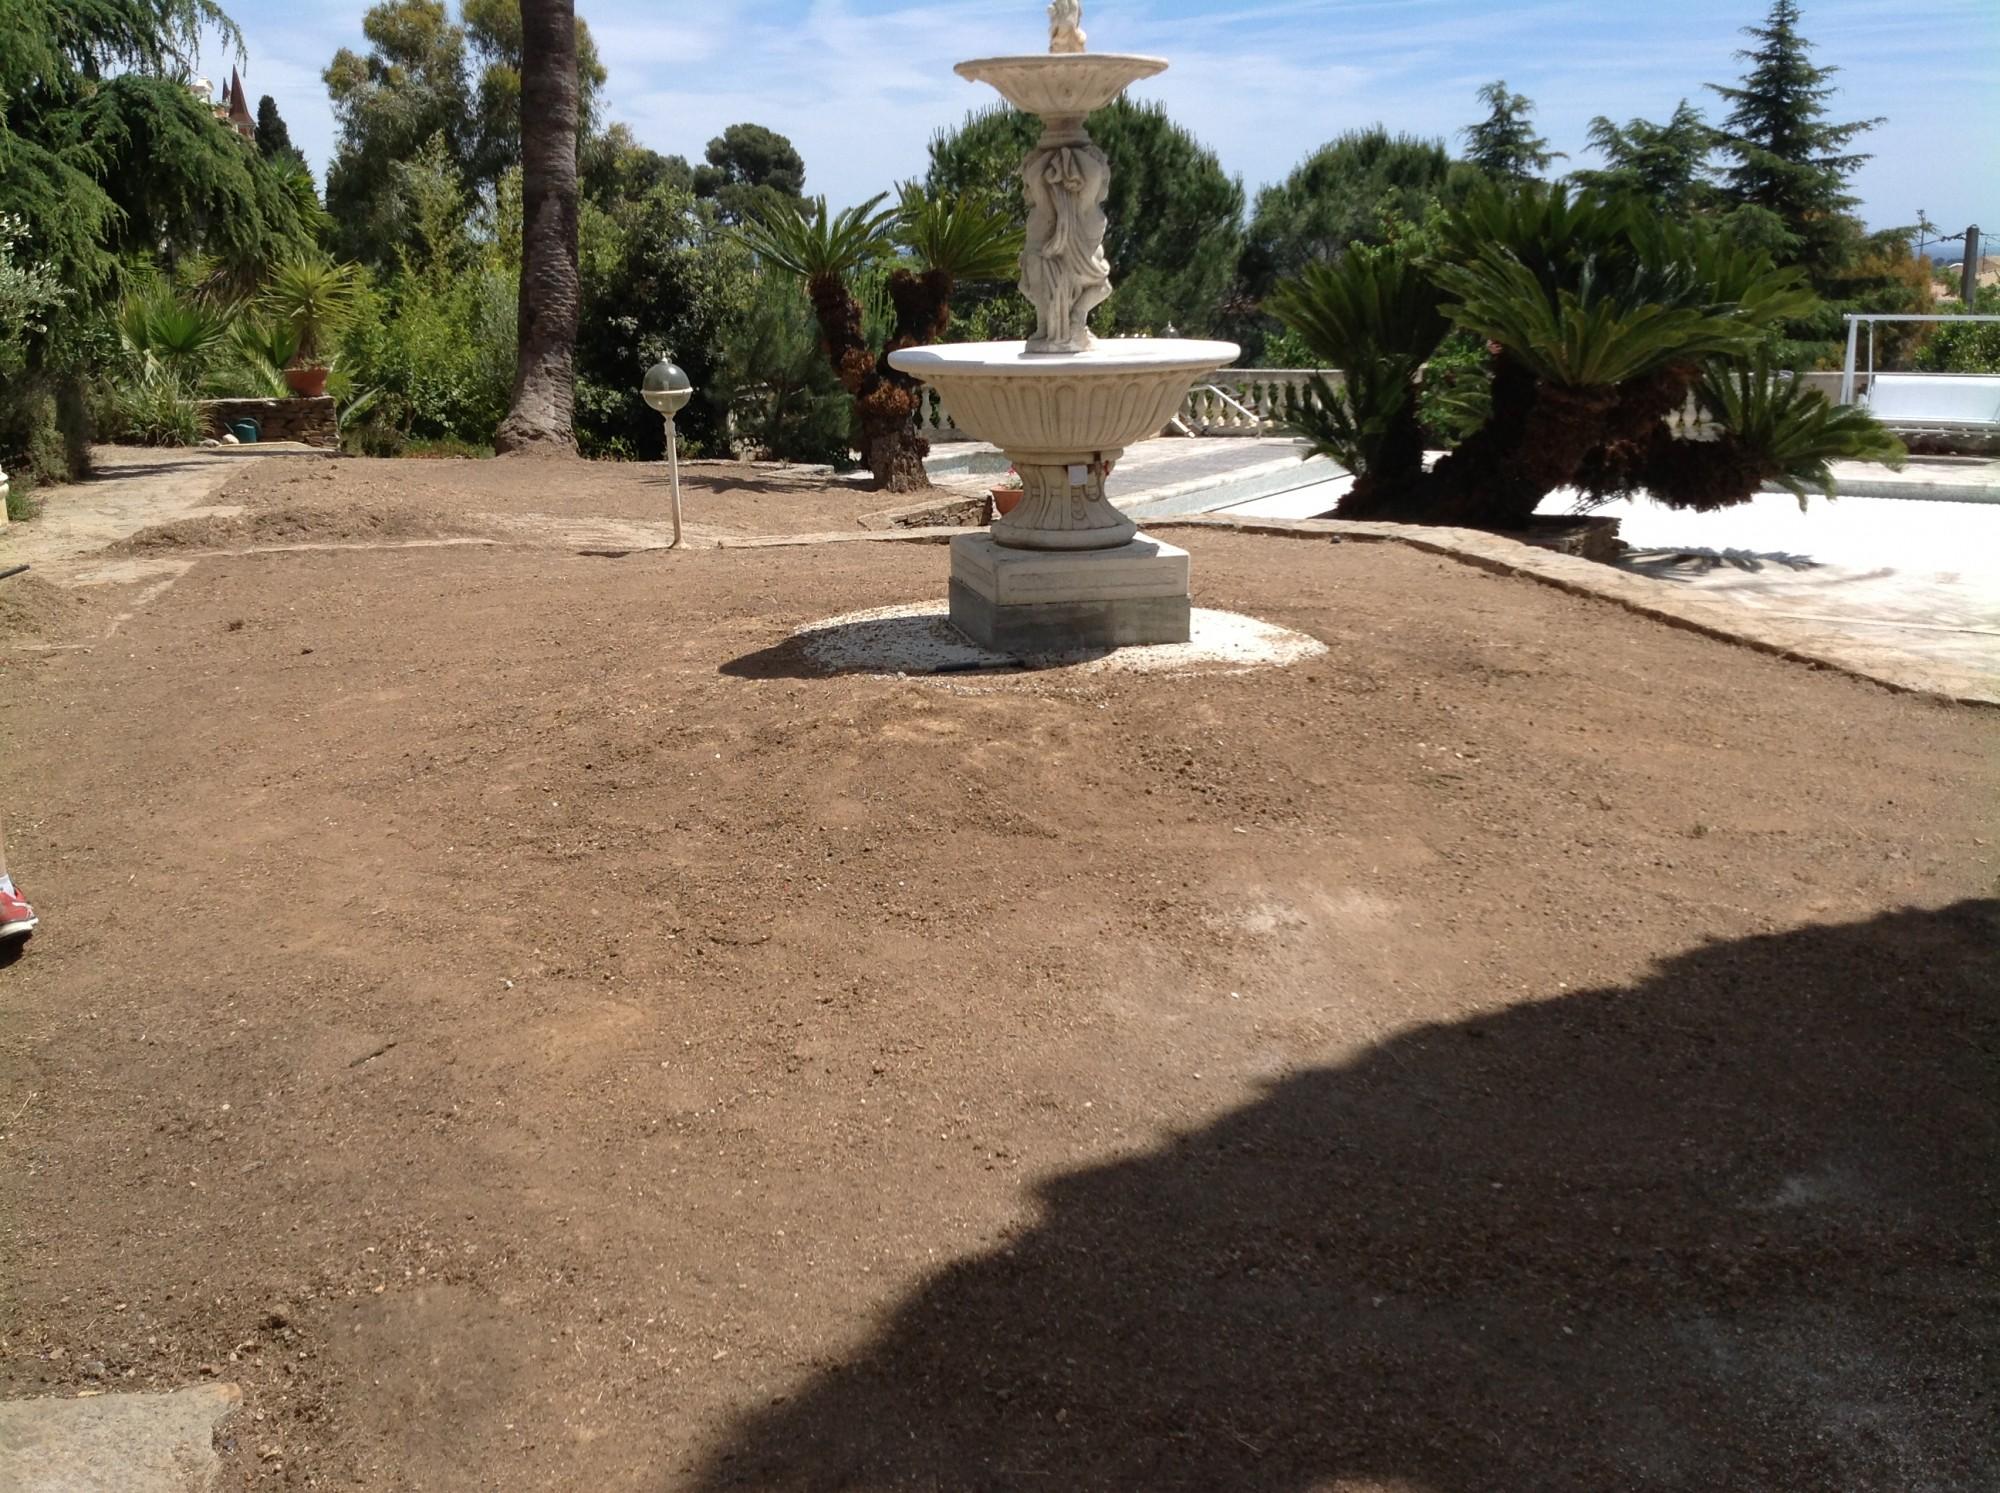 Terrain avant la l'installation d'une pelouse artificielle à Hyères